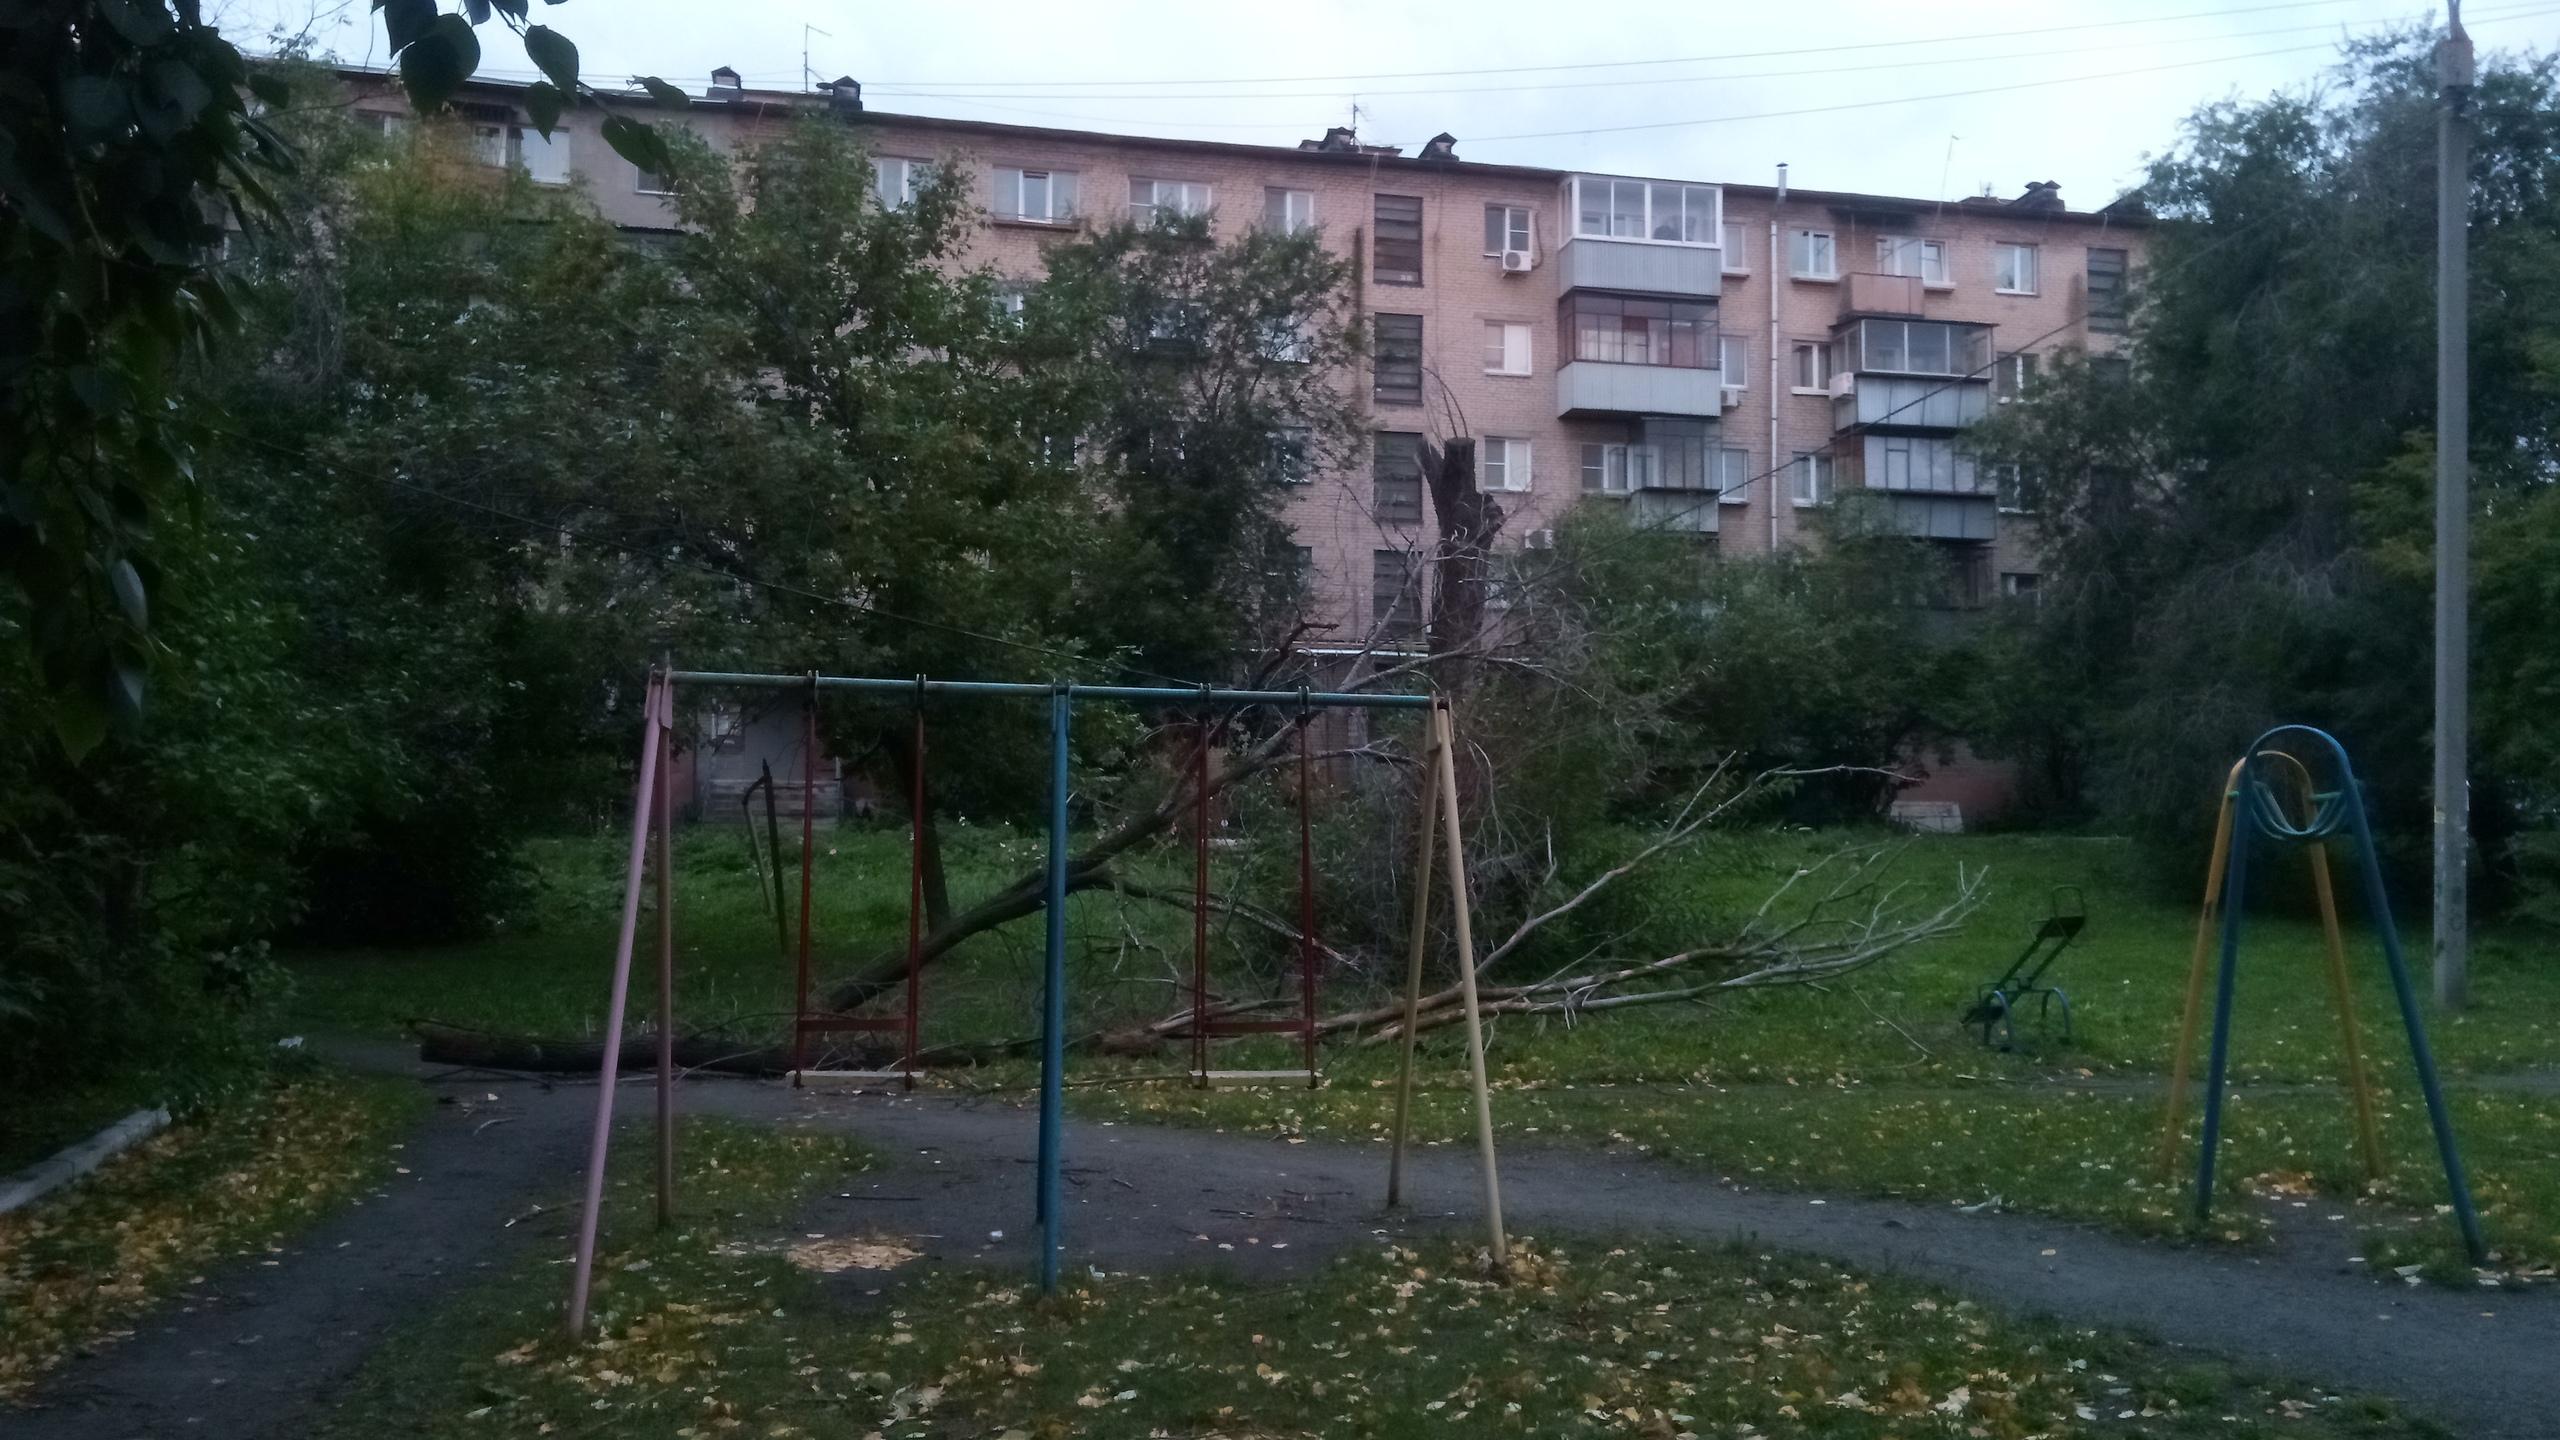 А во дворе на Свободы, 157 дерево упало на детскую площадку и зацепилось за провода столба освещения